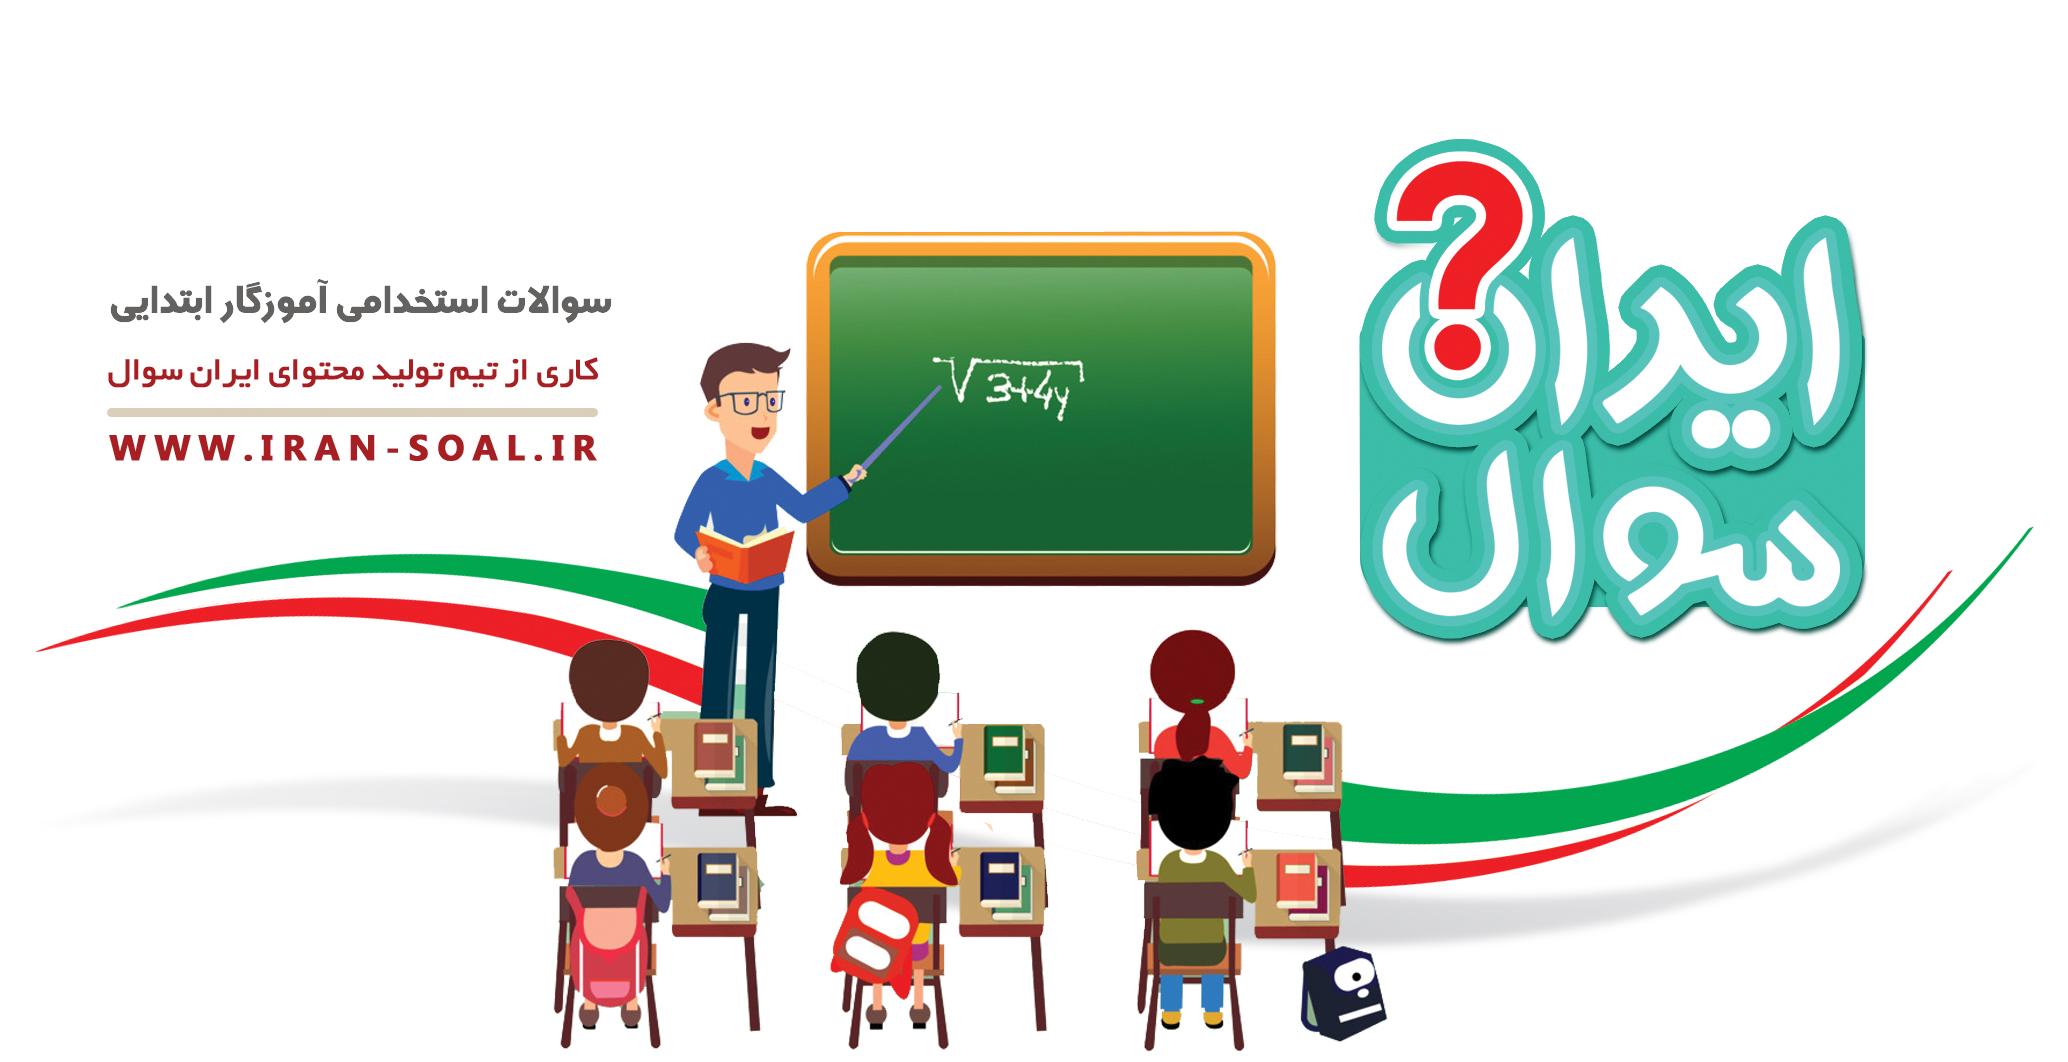 سوالات استخدامی آموزگار دوره ابتدایی آموزش و پرورش